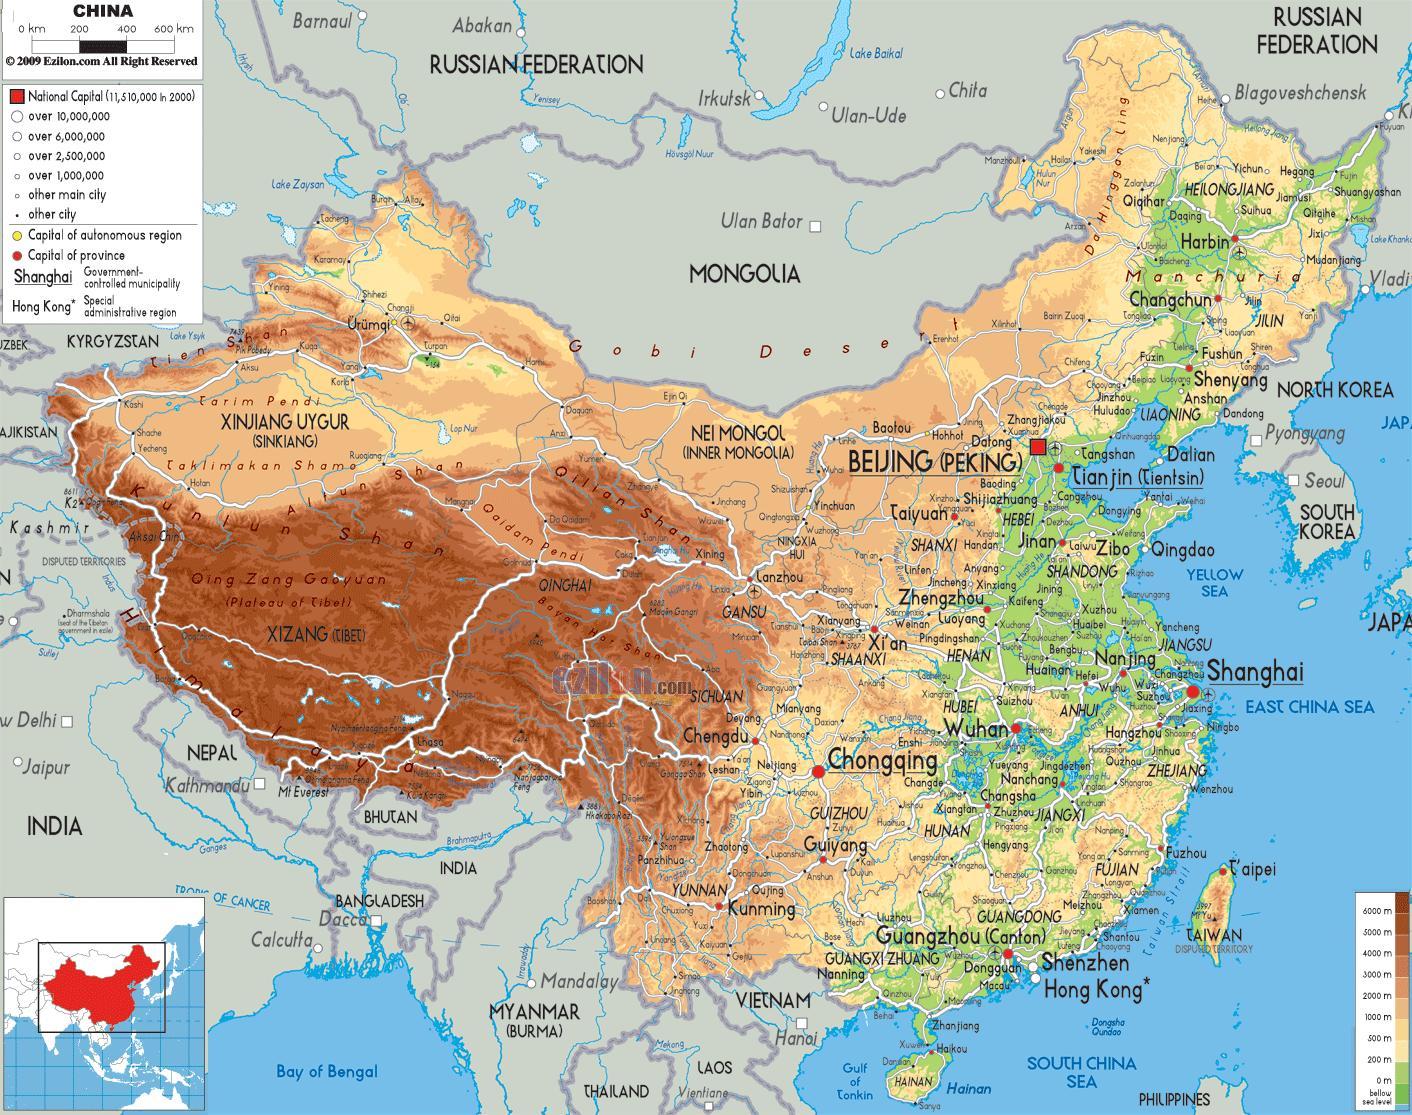 China Karte Physisch.Physische Karte Von China Physikalische Karte Von China Ost